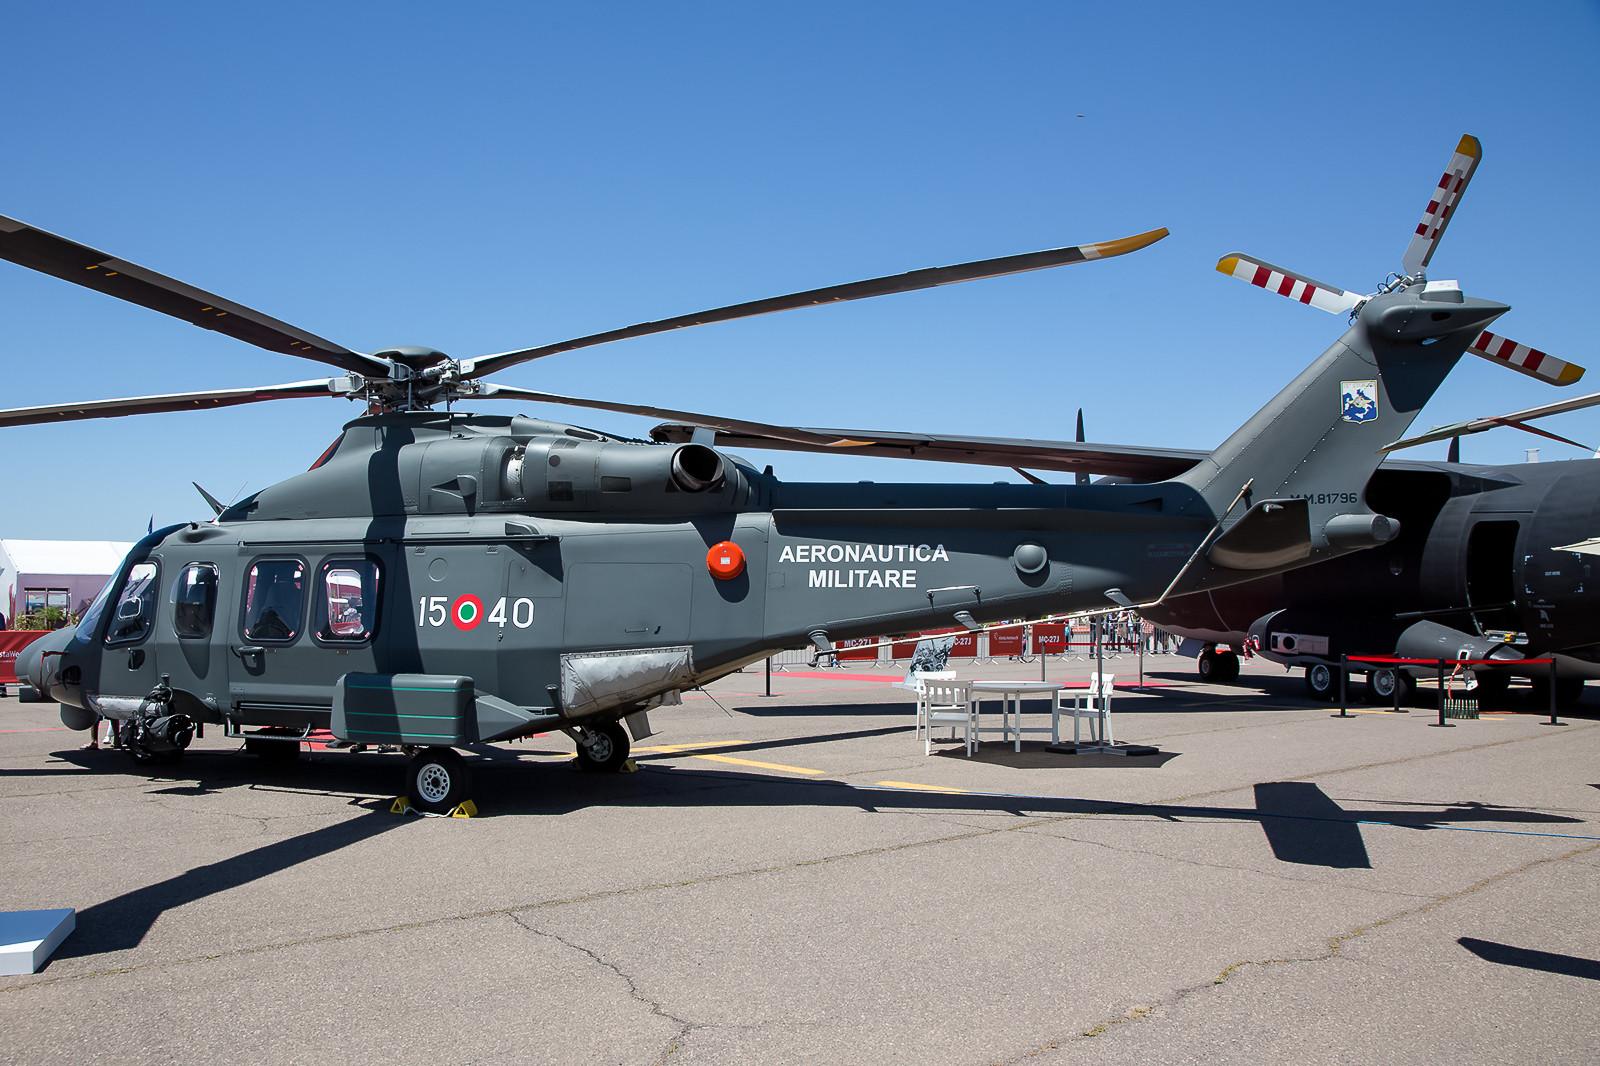 Von der Aeronautica Militare kam u.a. diese Agusta Westland AW-139 der 15 Stormo aus Cervia / San Giorio.